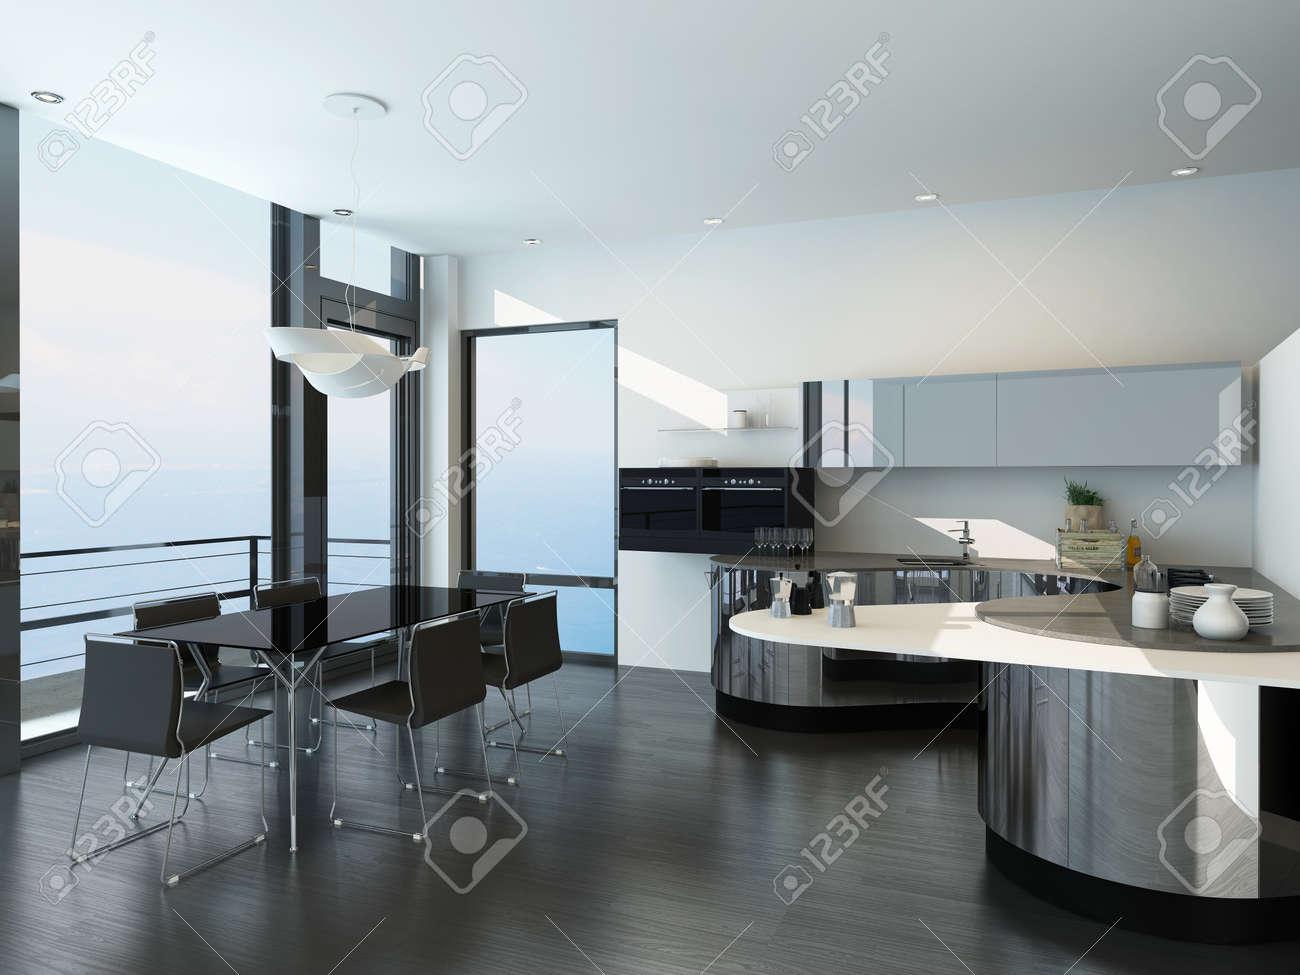 Noir de luxe moderne et l'intérieur de la cuisine de style blanc ...